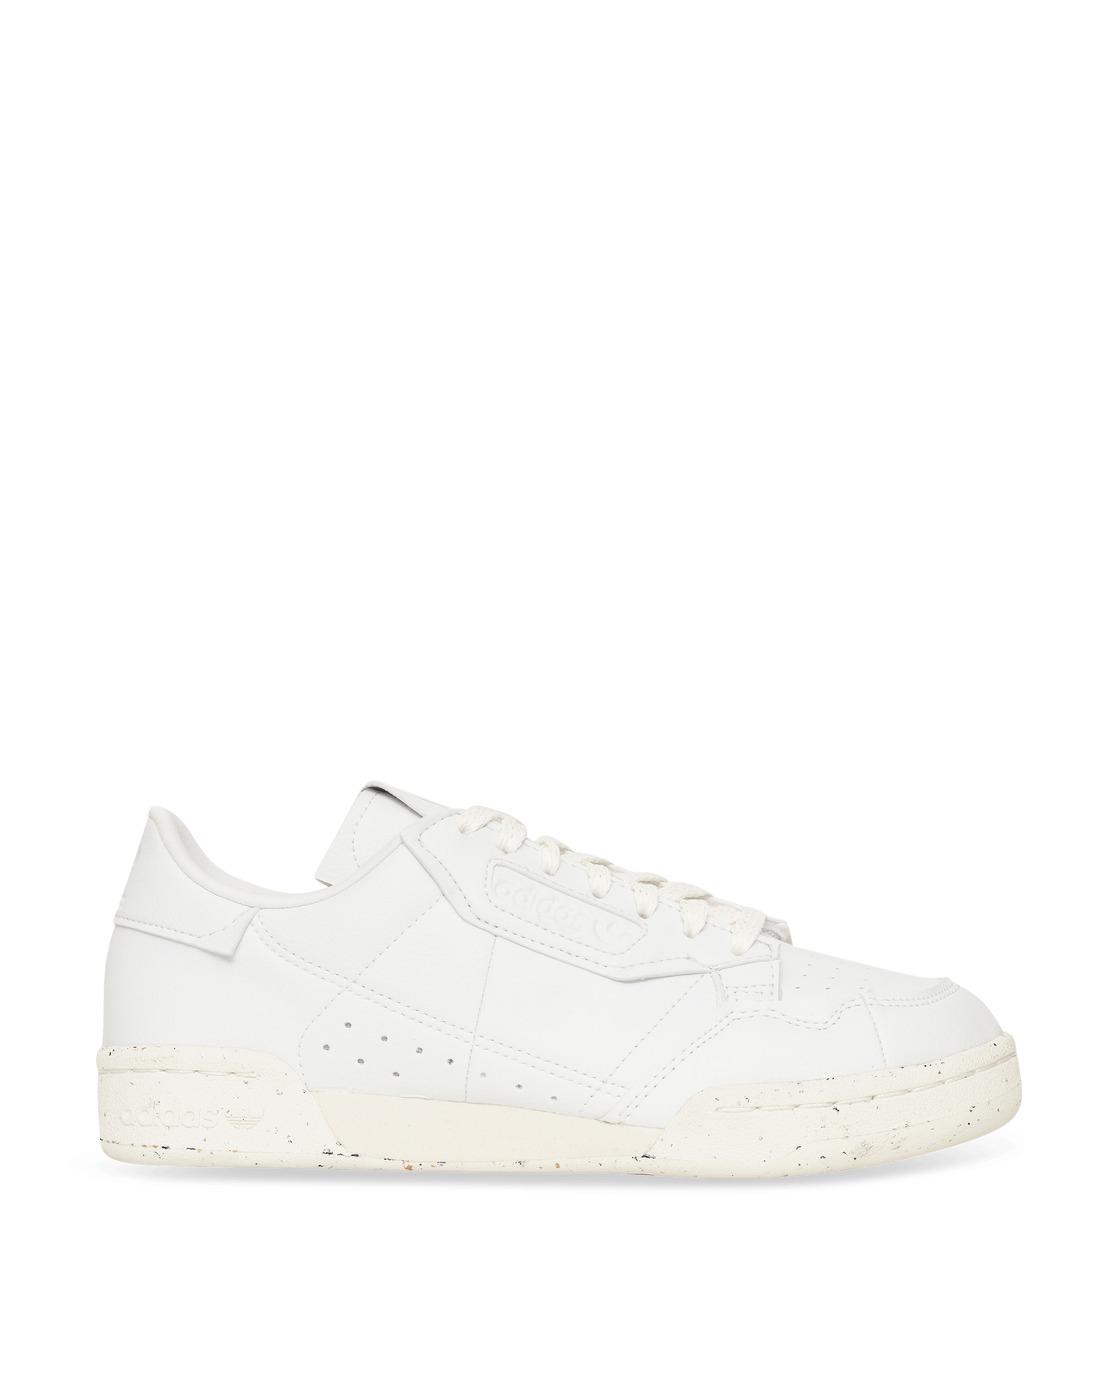 Adidas Originals Continental 80 Ftwr White